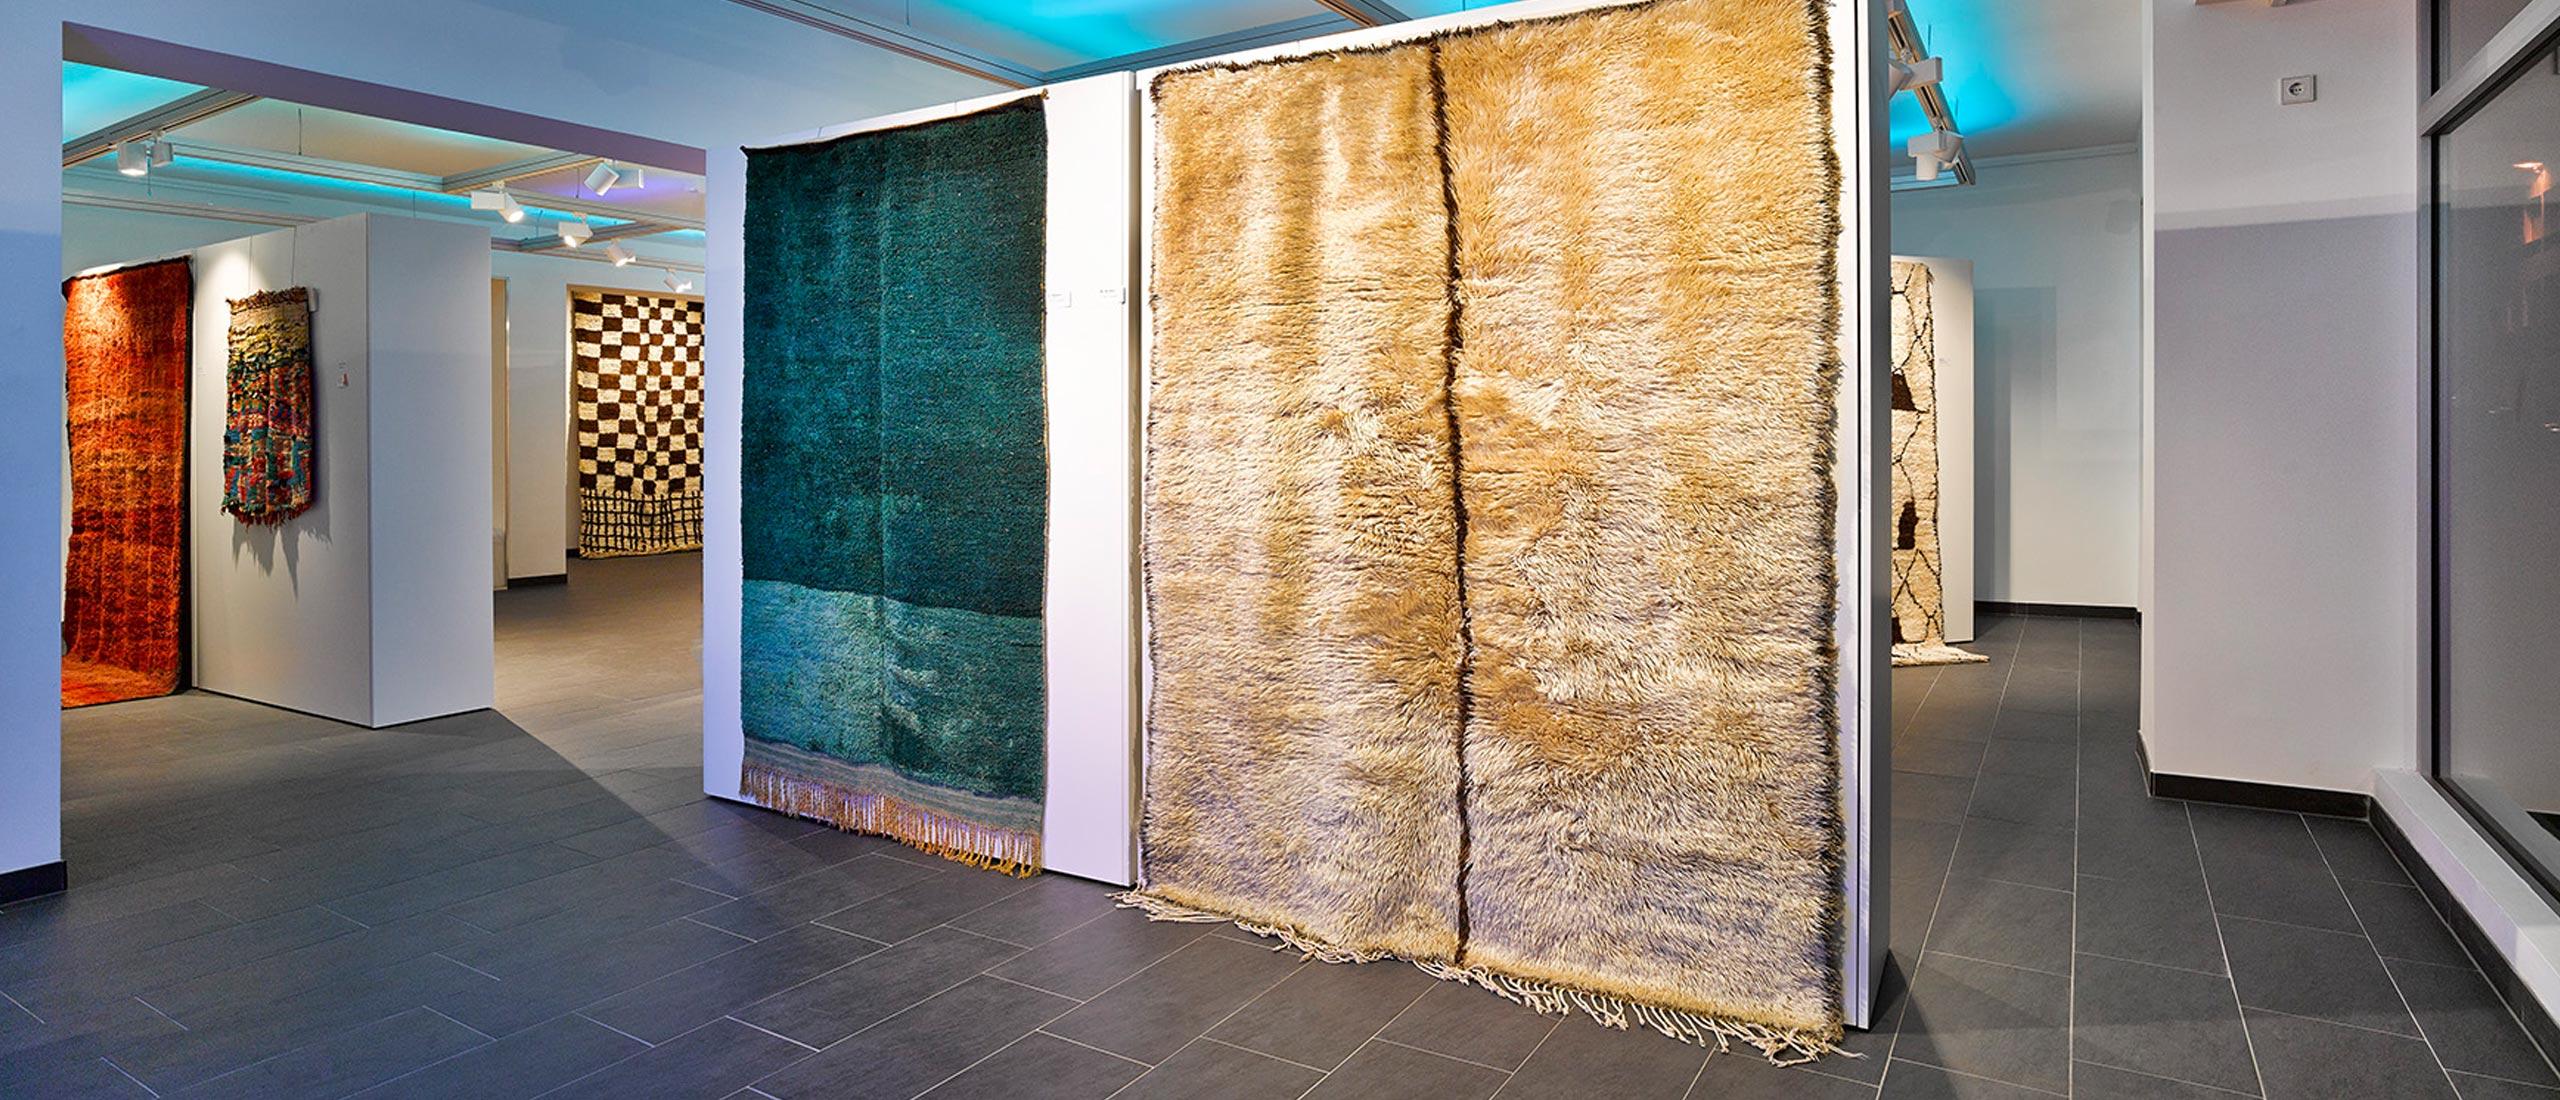 Galerie RUMI | Slider – Ausstellungen